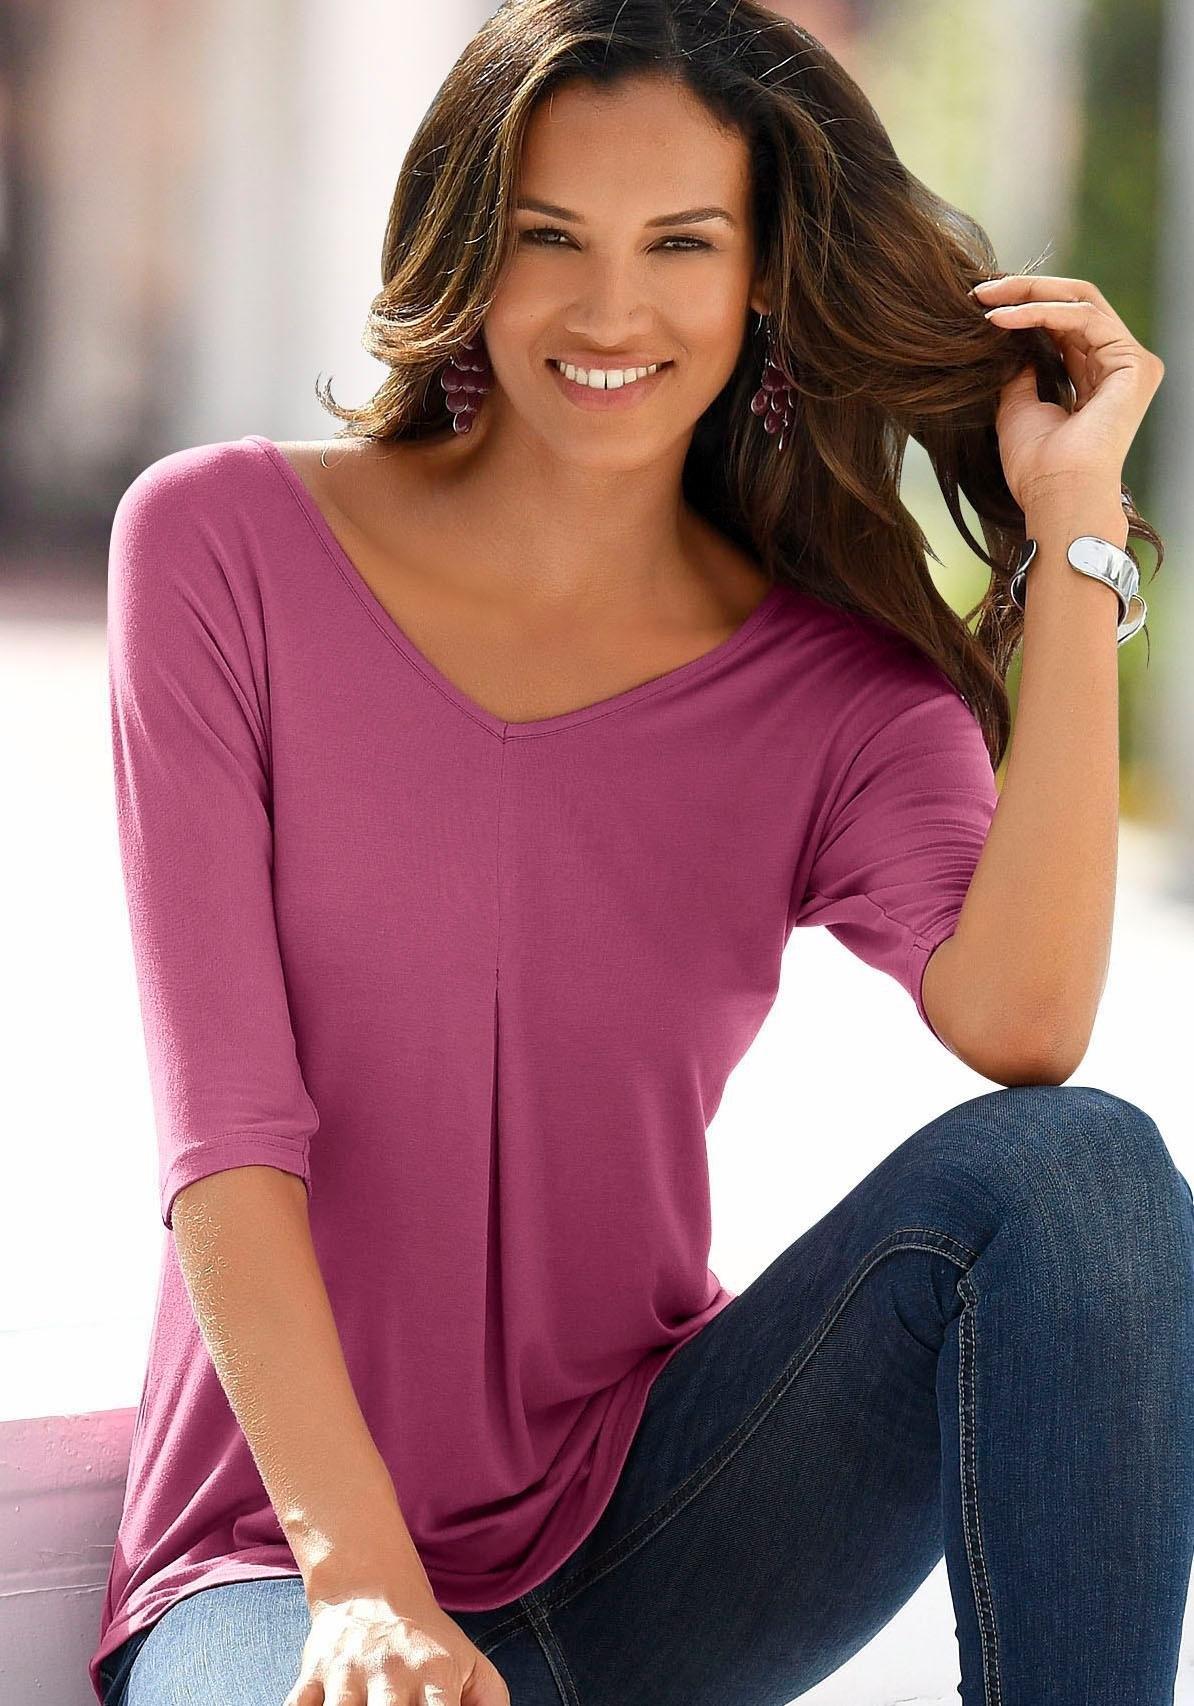 T Online Lascana Bestellen Lascana shirt qGzpUSMV